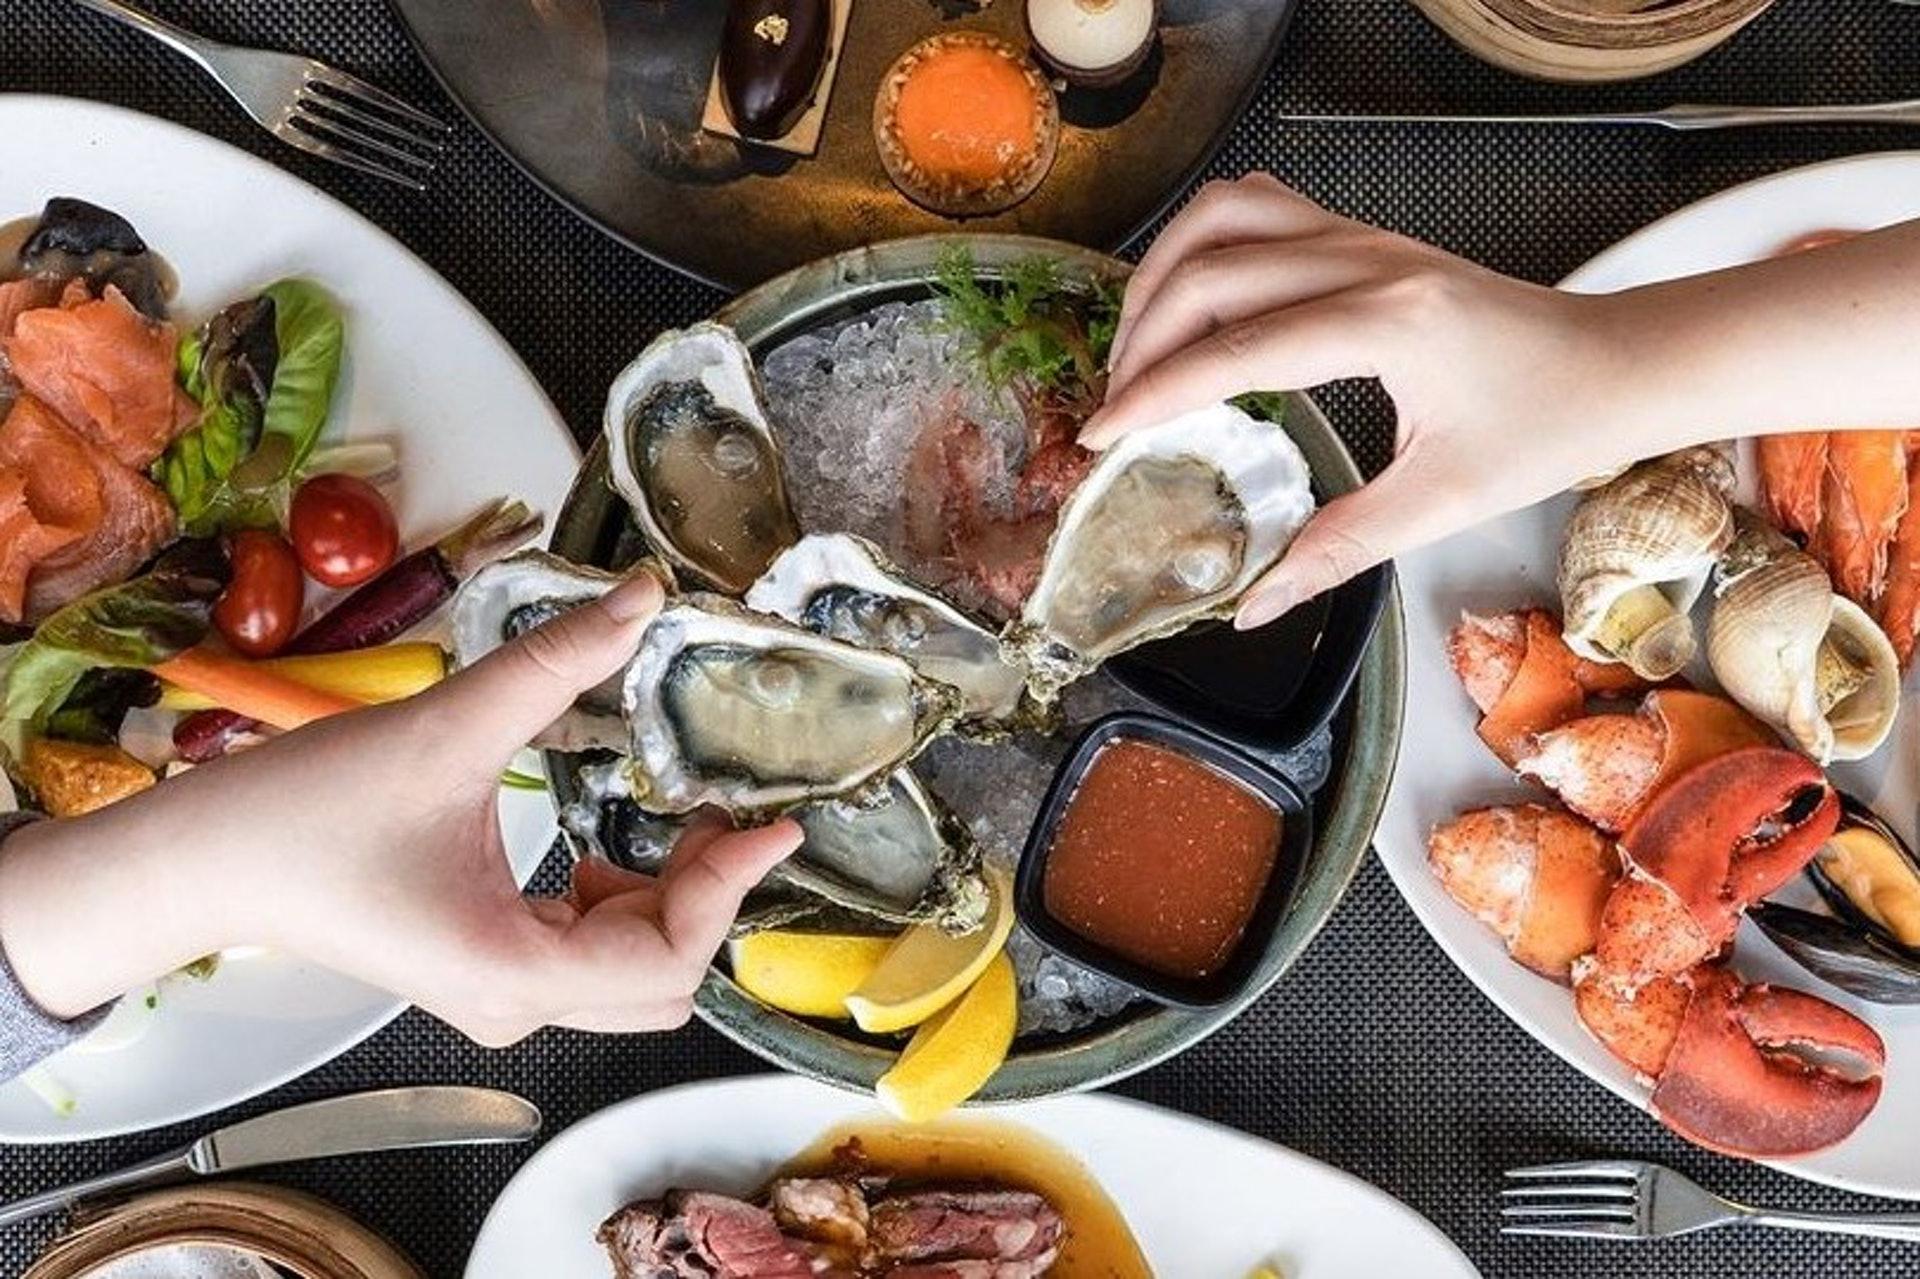 【9月生日】15個飲食優惠推介 自助餐優惠折扣 – Y3HK 香港優惠